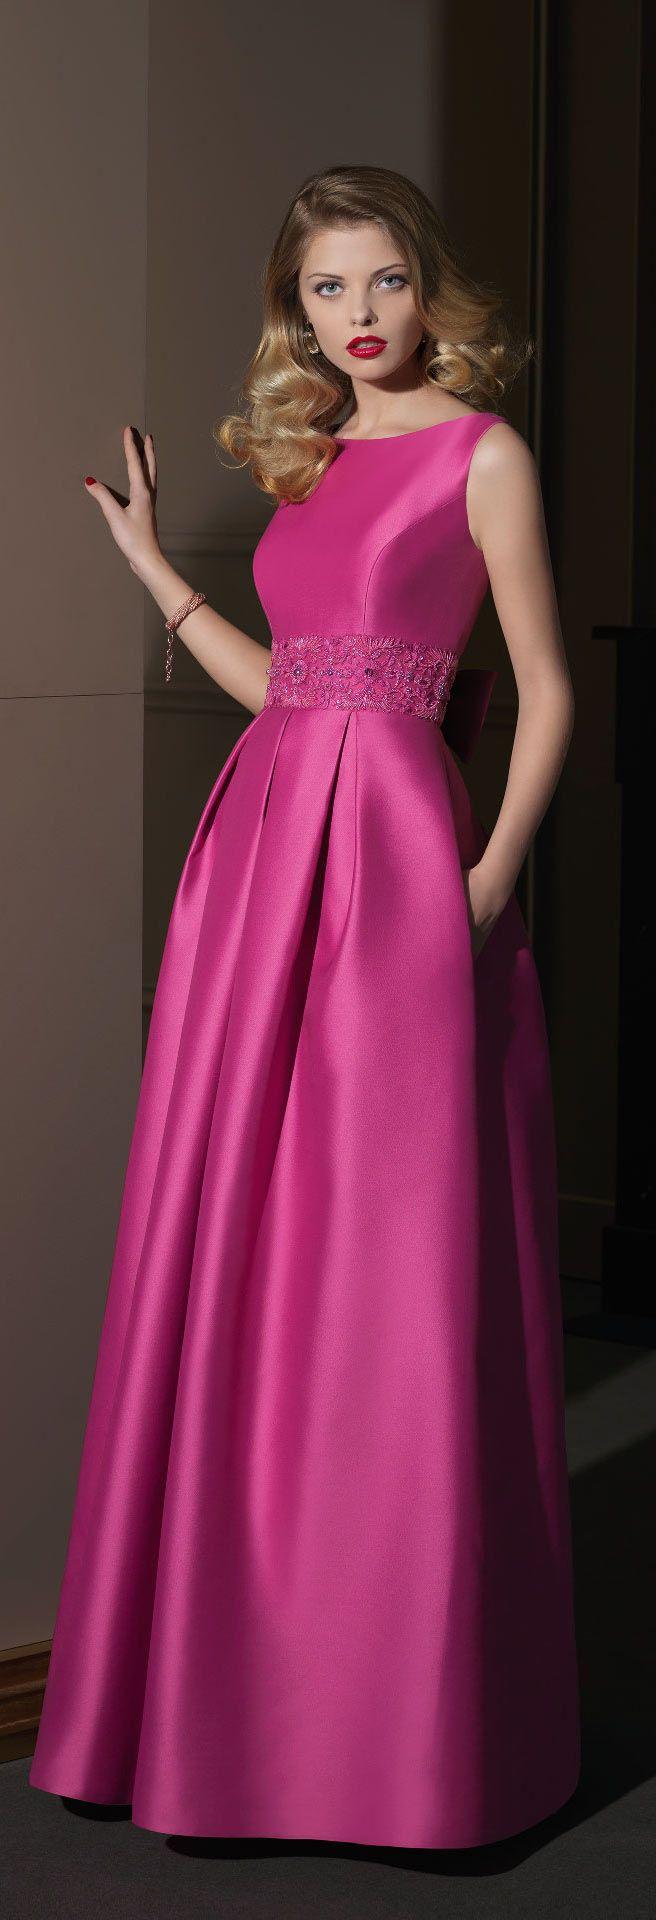 Increíble Vestidos De Fiesta Oakville Composición - Colección de ...